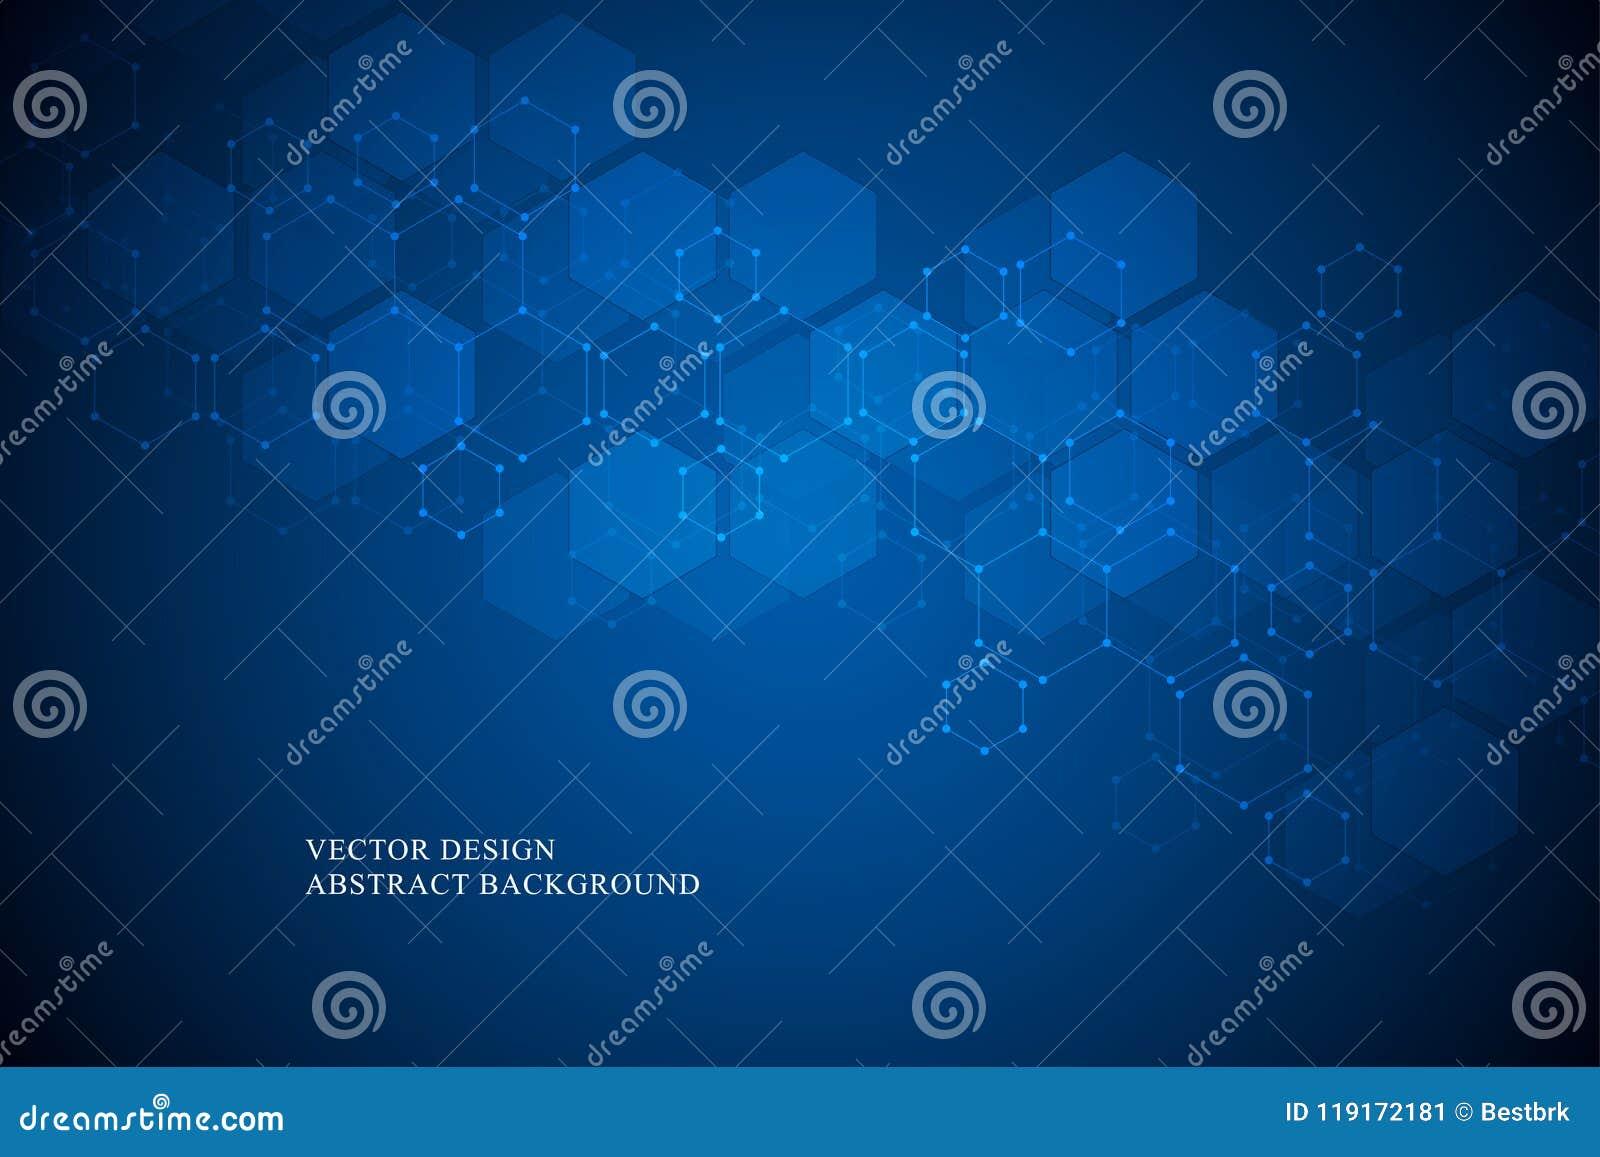 Εξαγωνική μοριακή δομή για ιατρικό, την επιστήμη και το ψηφιακό σχέδιο τεχνολογίας Αφηρημένο γεωμετρικό διανυσματικό υπόβαθρο